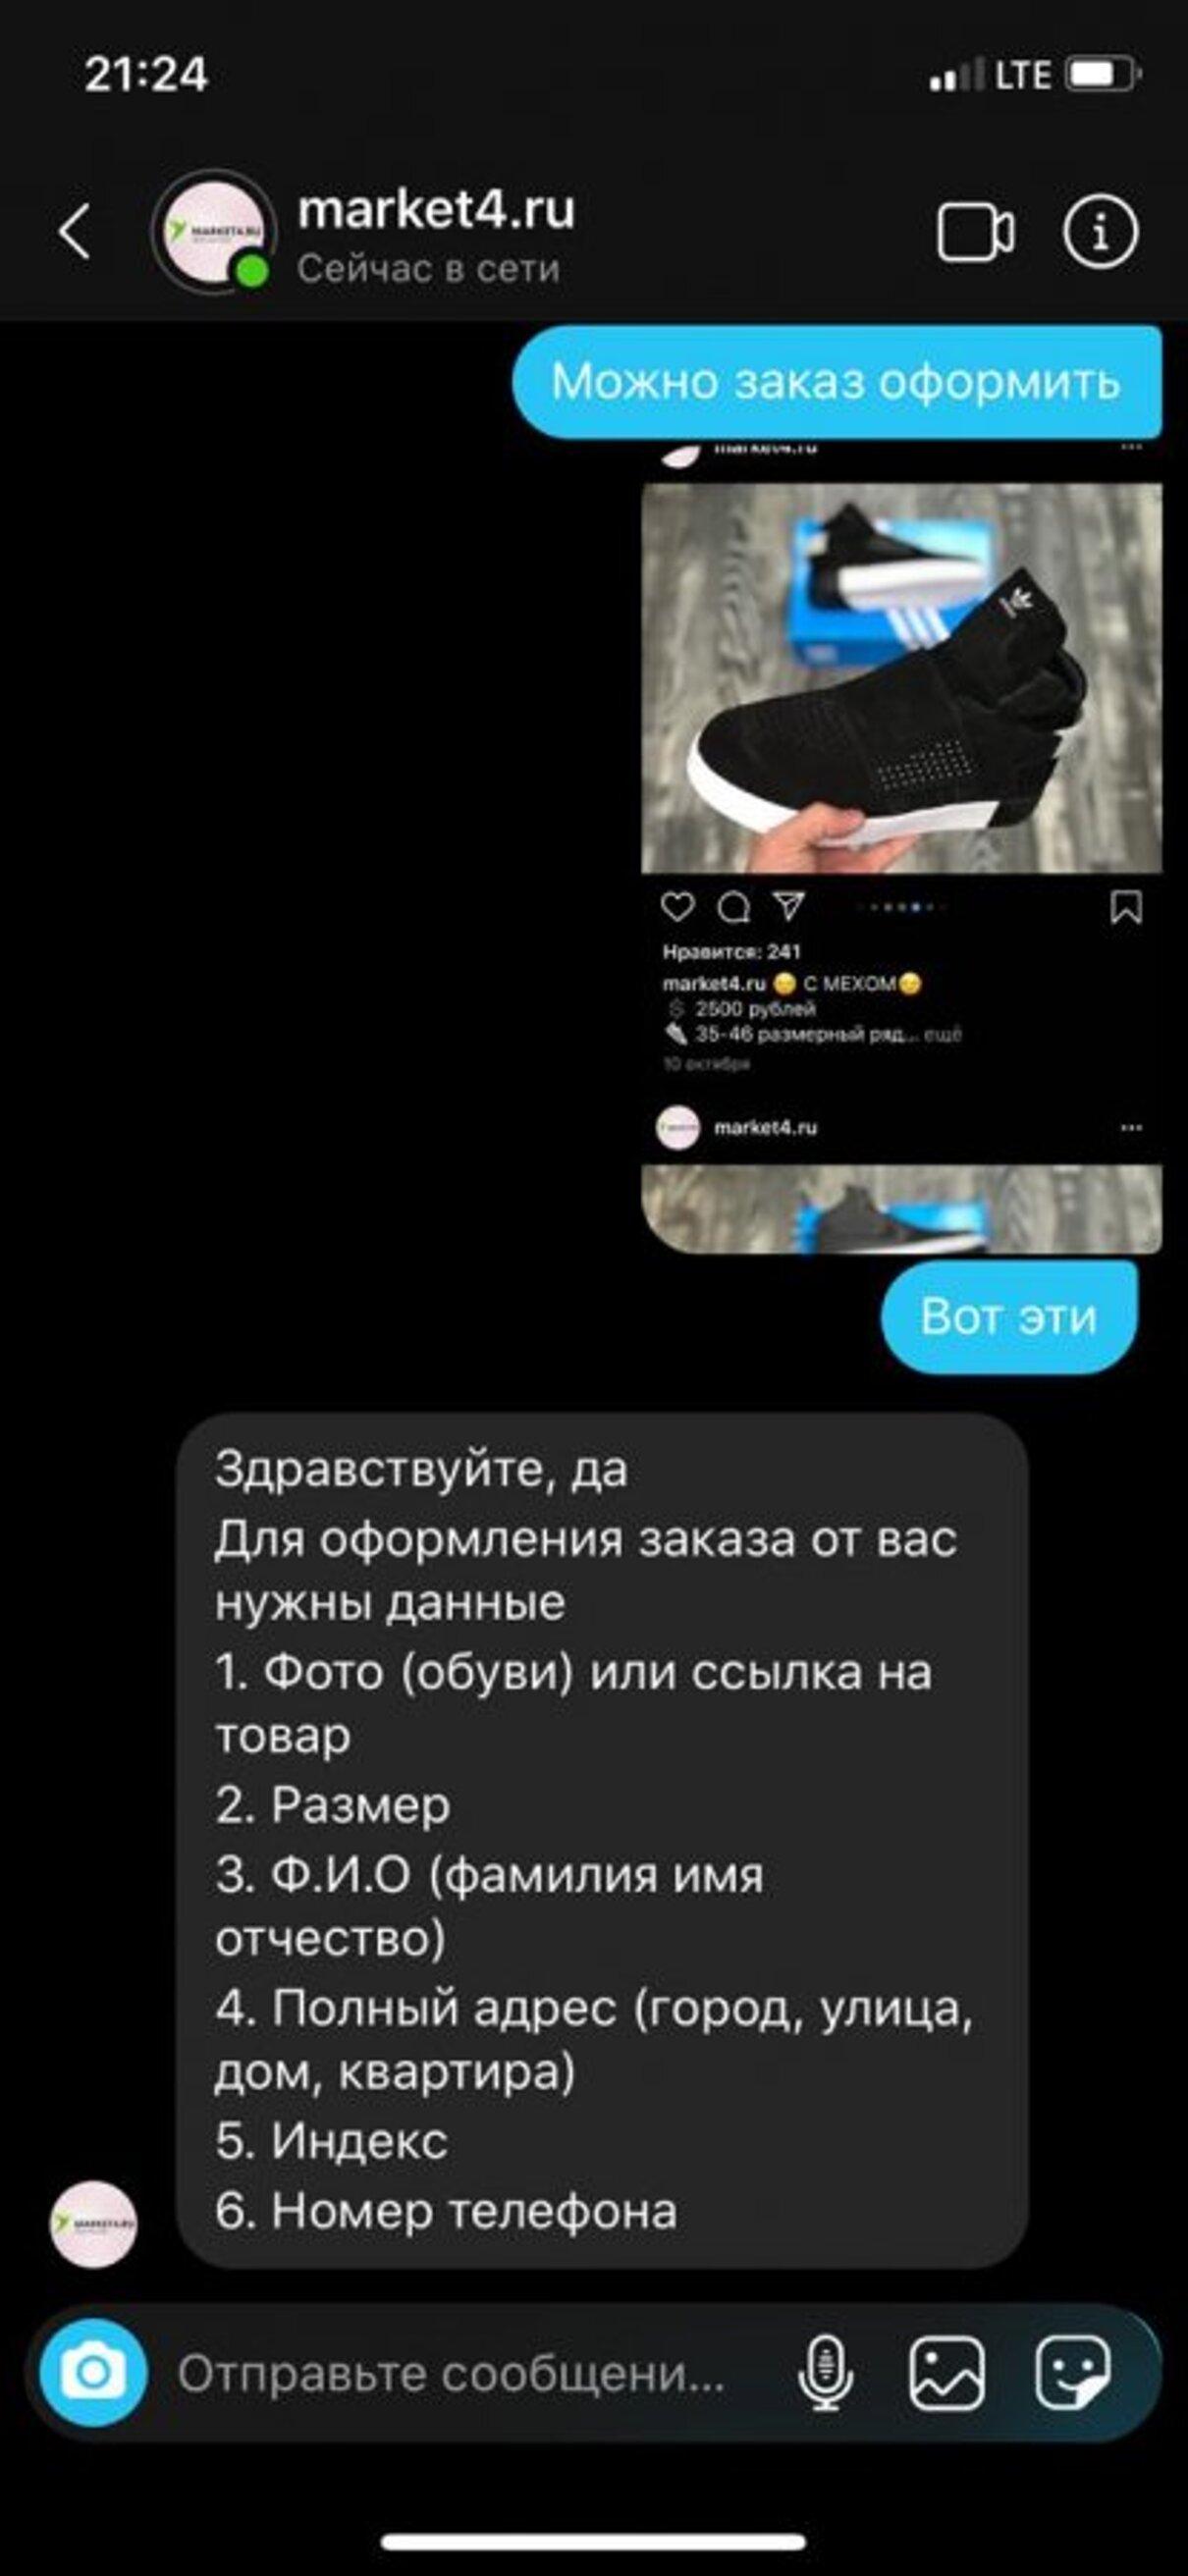 Жалоба-отзыв: ООО помощь интернет магазинам - Мошенники!.  Фото №3